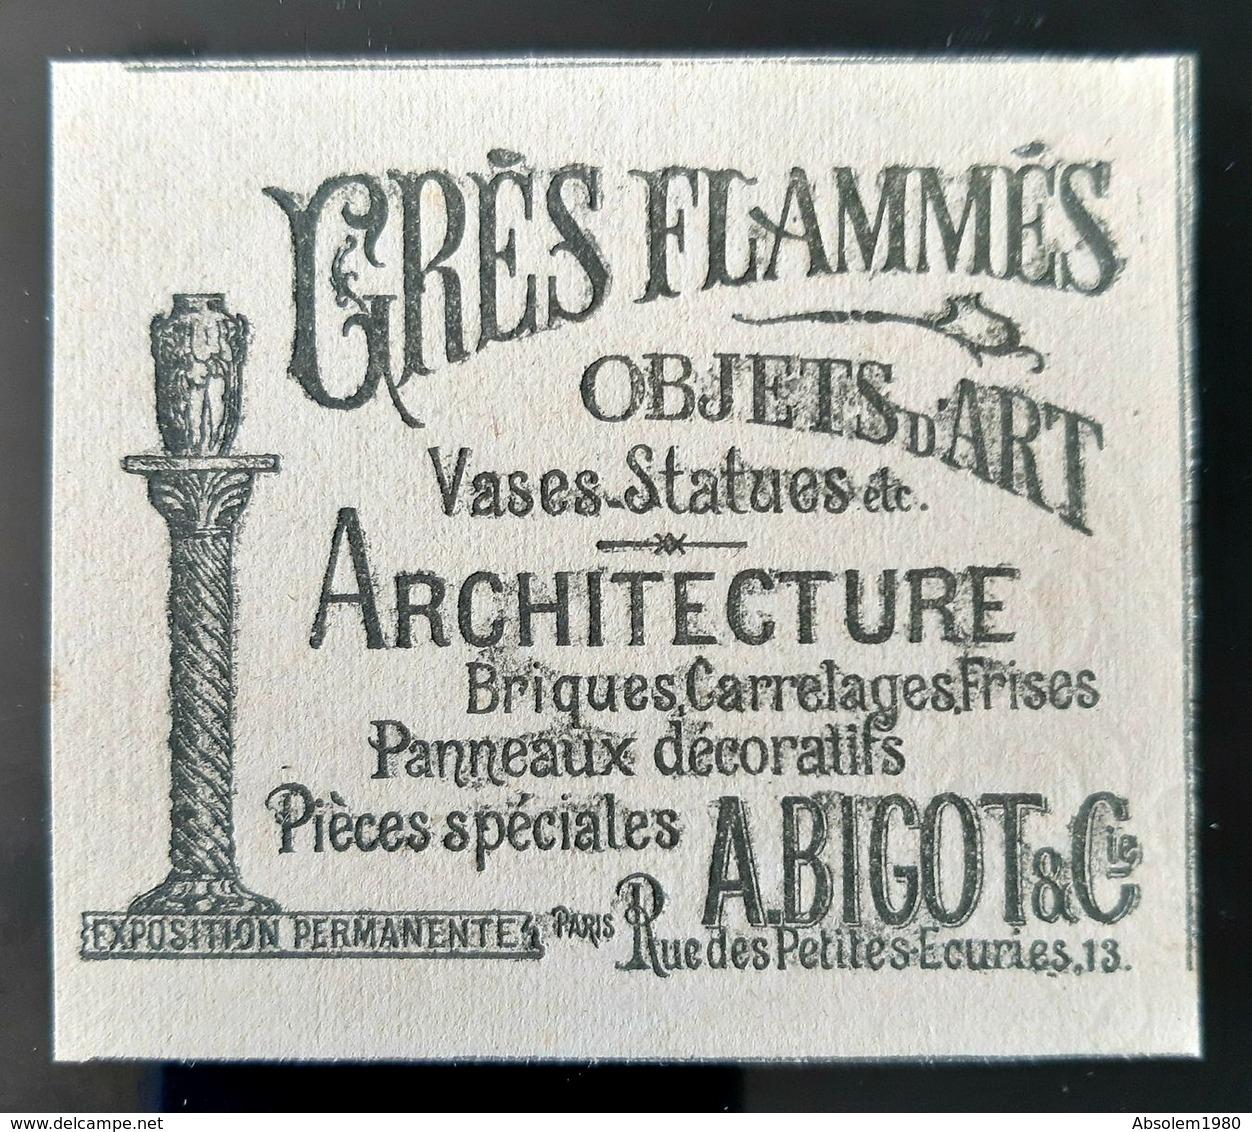 GRES FLAMMES BELLE PUBLICITE 1900  A BIGOT ARCHITECTE VASES PANNEAUX DECORATIFS ART NOUVEAU  1900 ANTIQUE JUNGENSTILL AD - Publicités